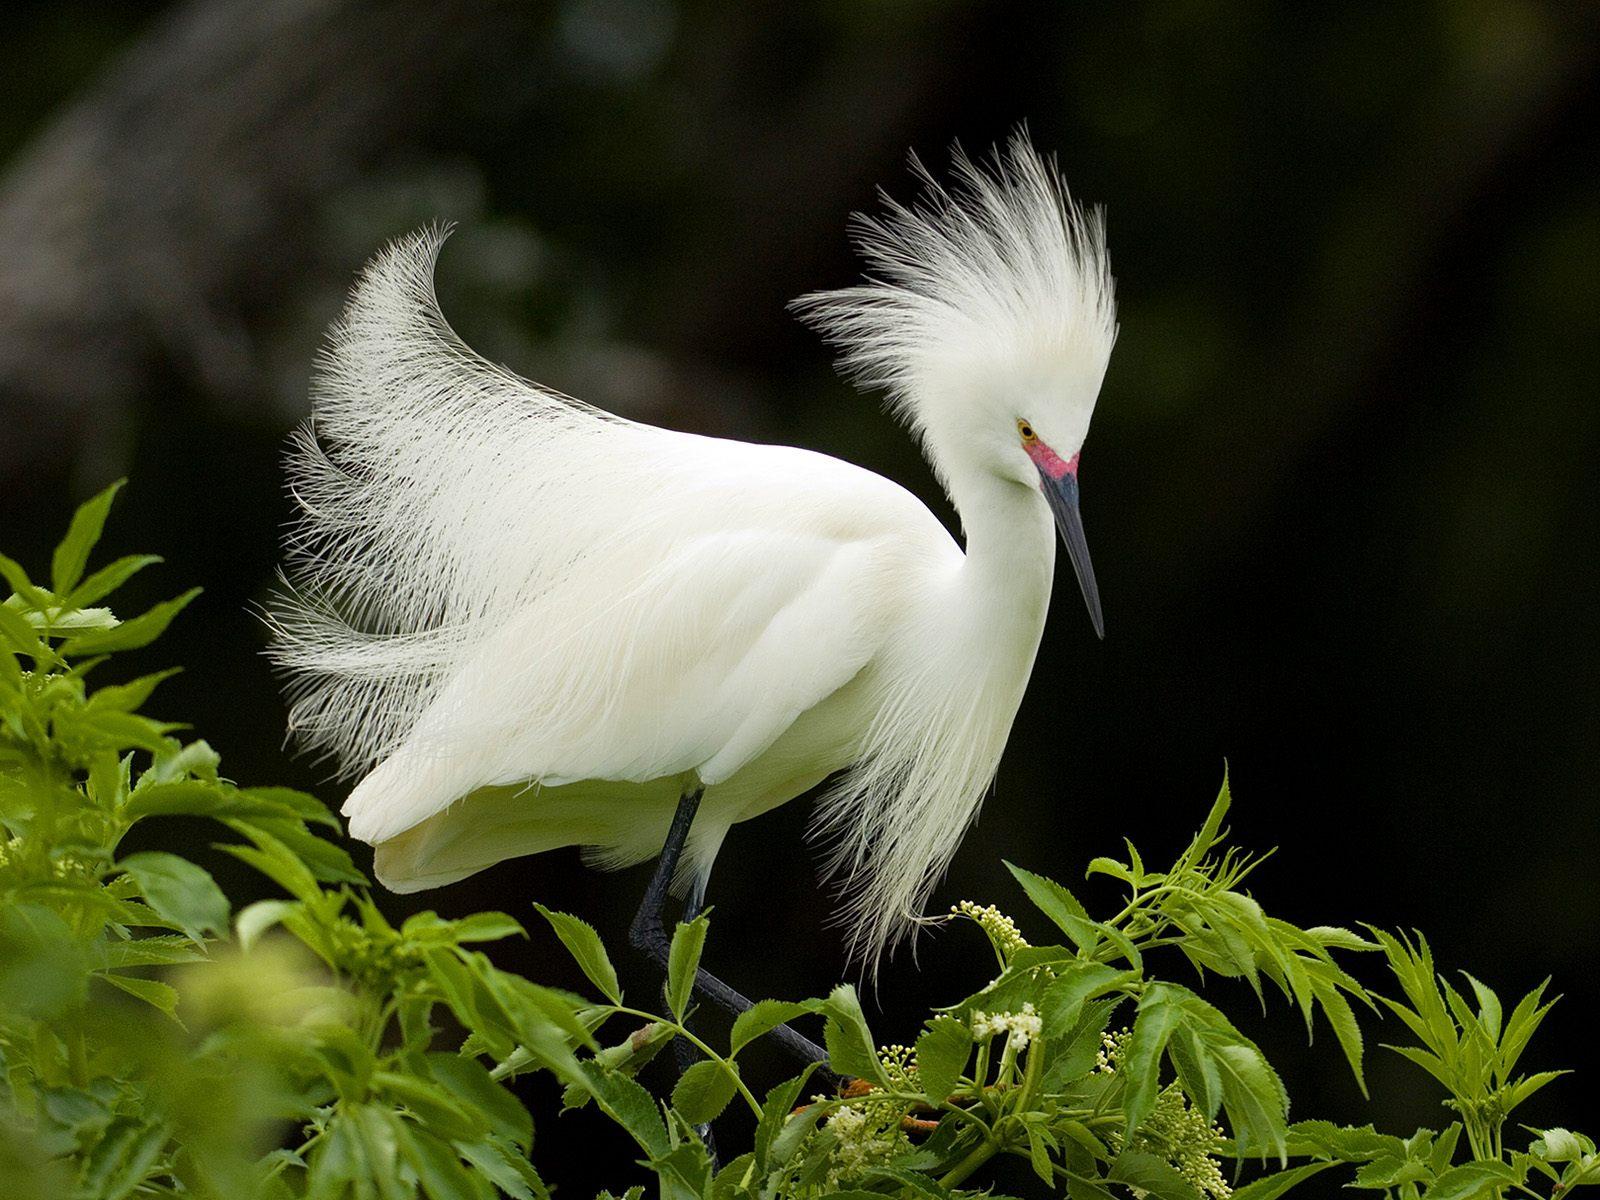 картинки редкие птицы разлетелось сети конечно